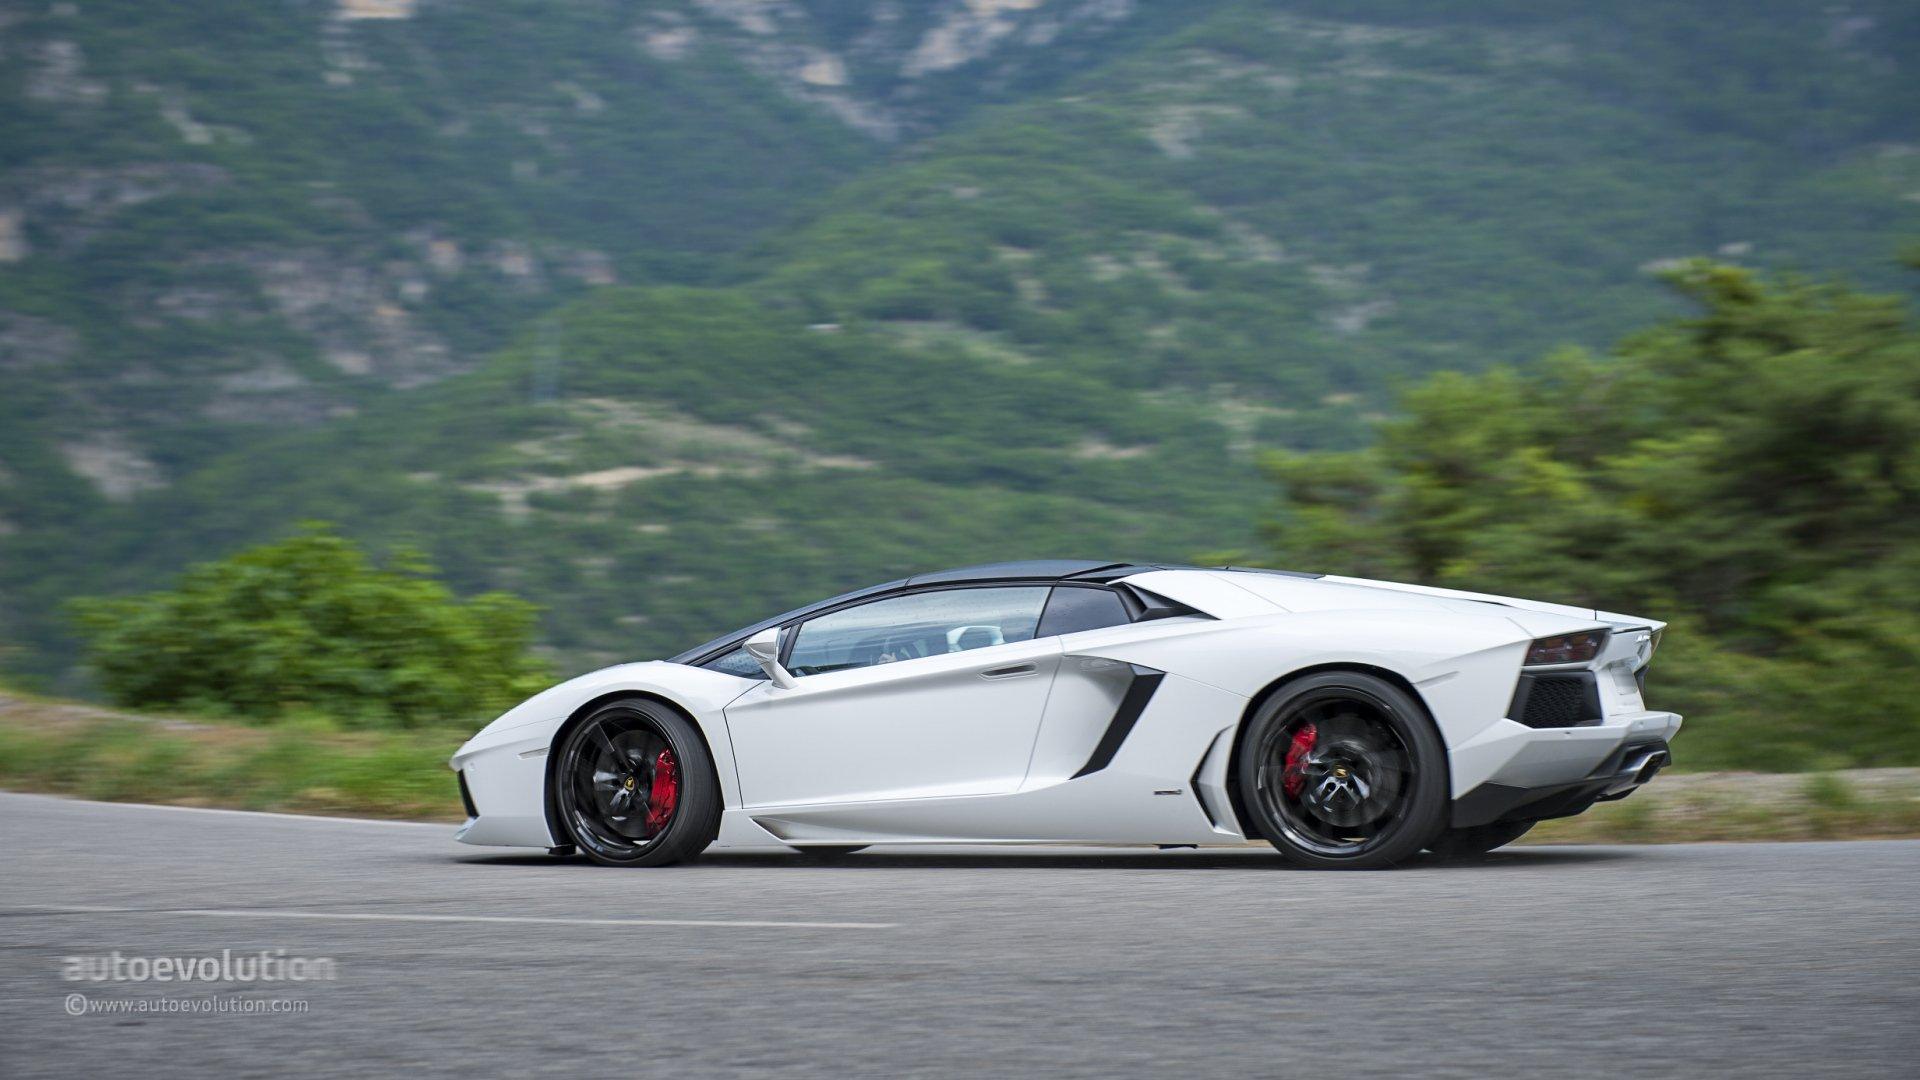 2014 lamborghini aventador roadster cars supercars white wallpaper 1920x1080 805797 wallpaperup - Lamborghini Aventador Roadster Wallpaper Hd 19201080